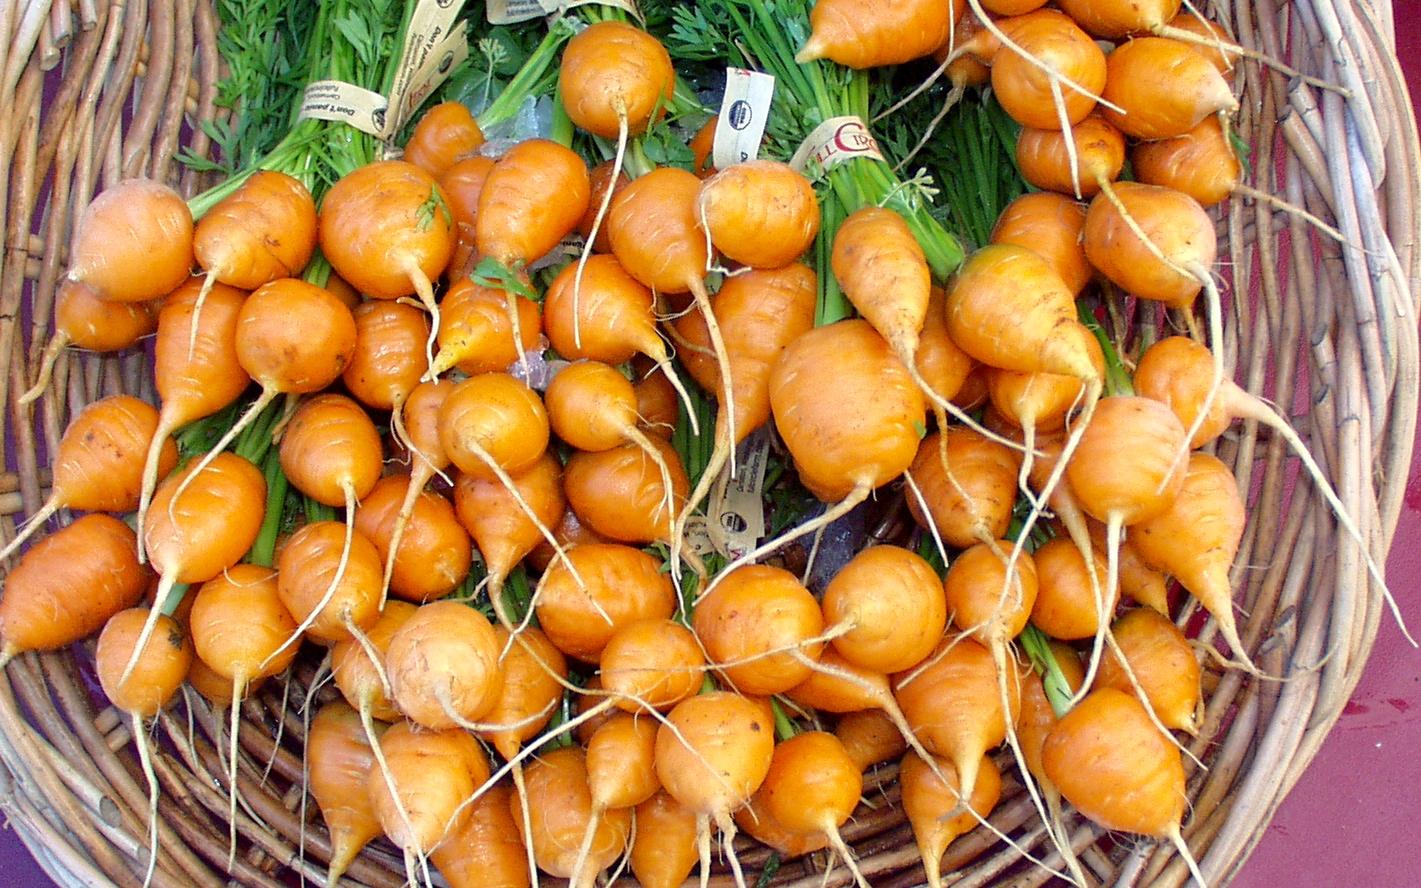 Thumbelina carrots from Full Circle Farm. Photo copyright 2009 by Zachary D. Lyons.